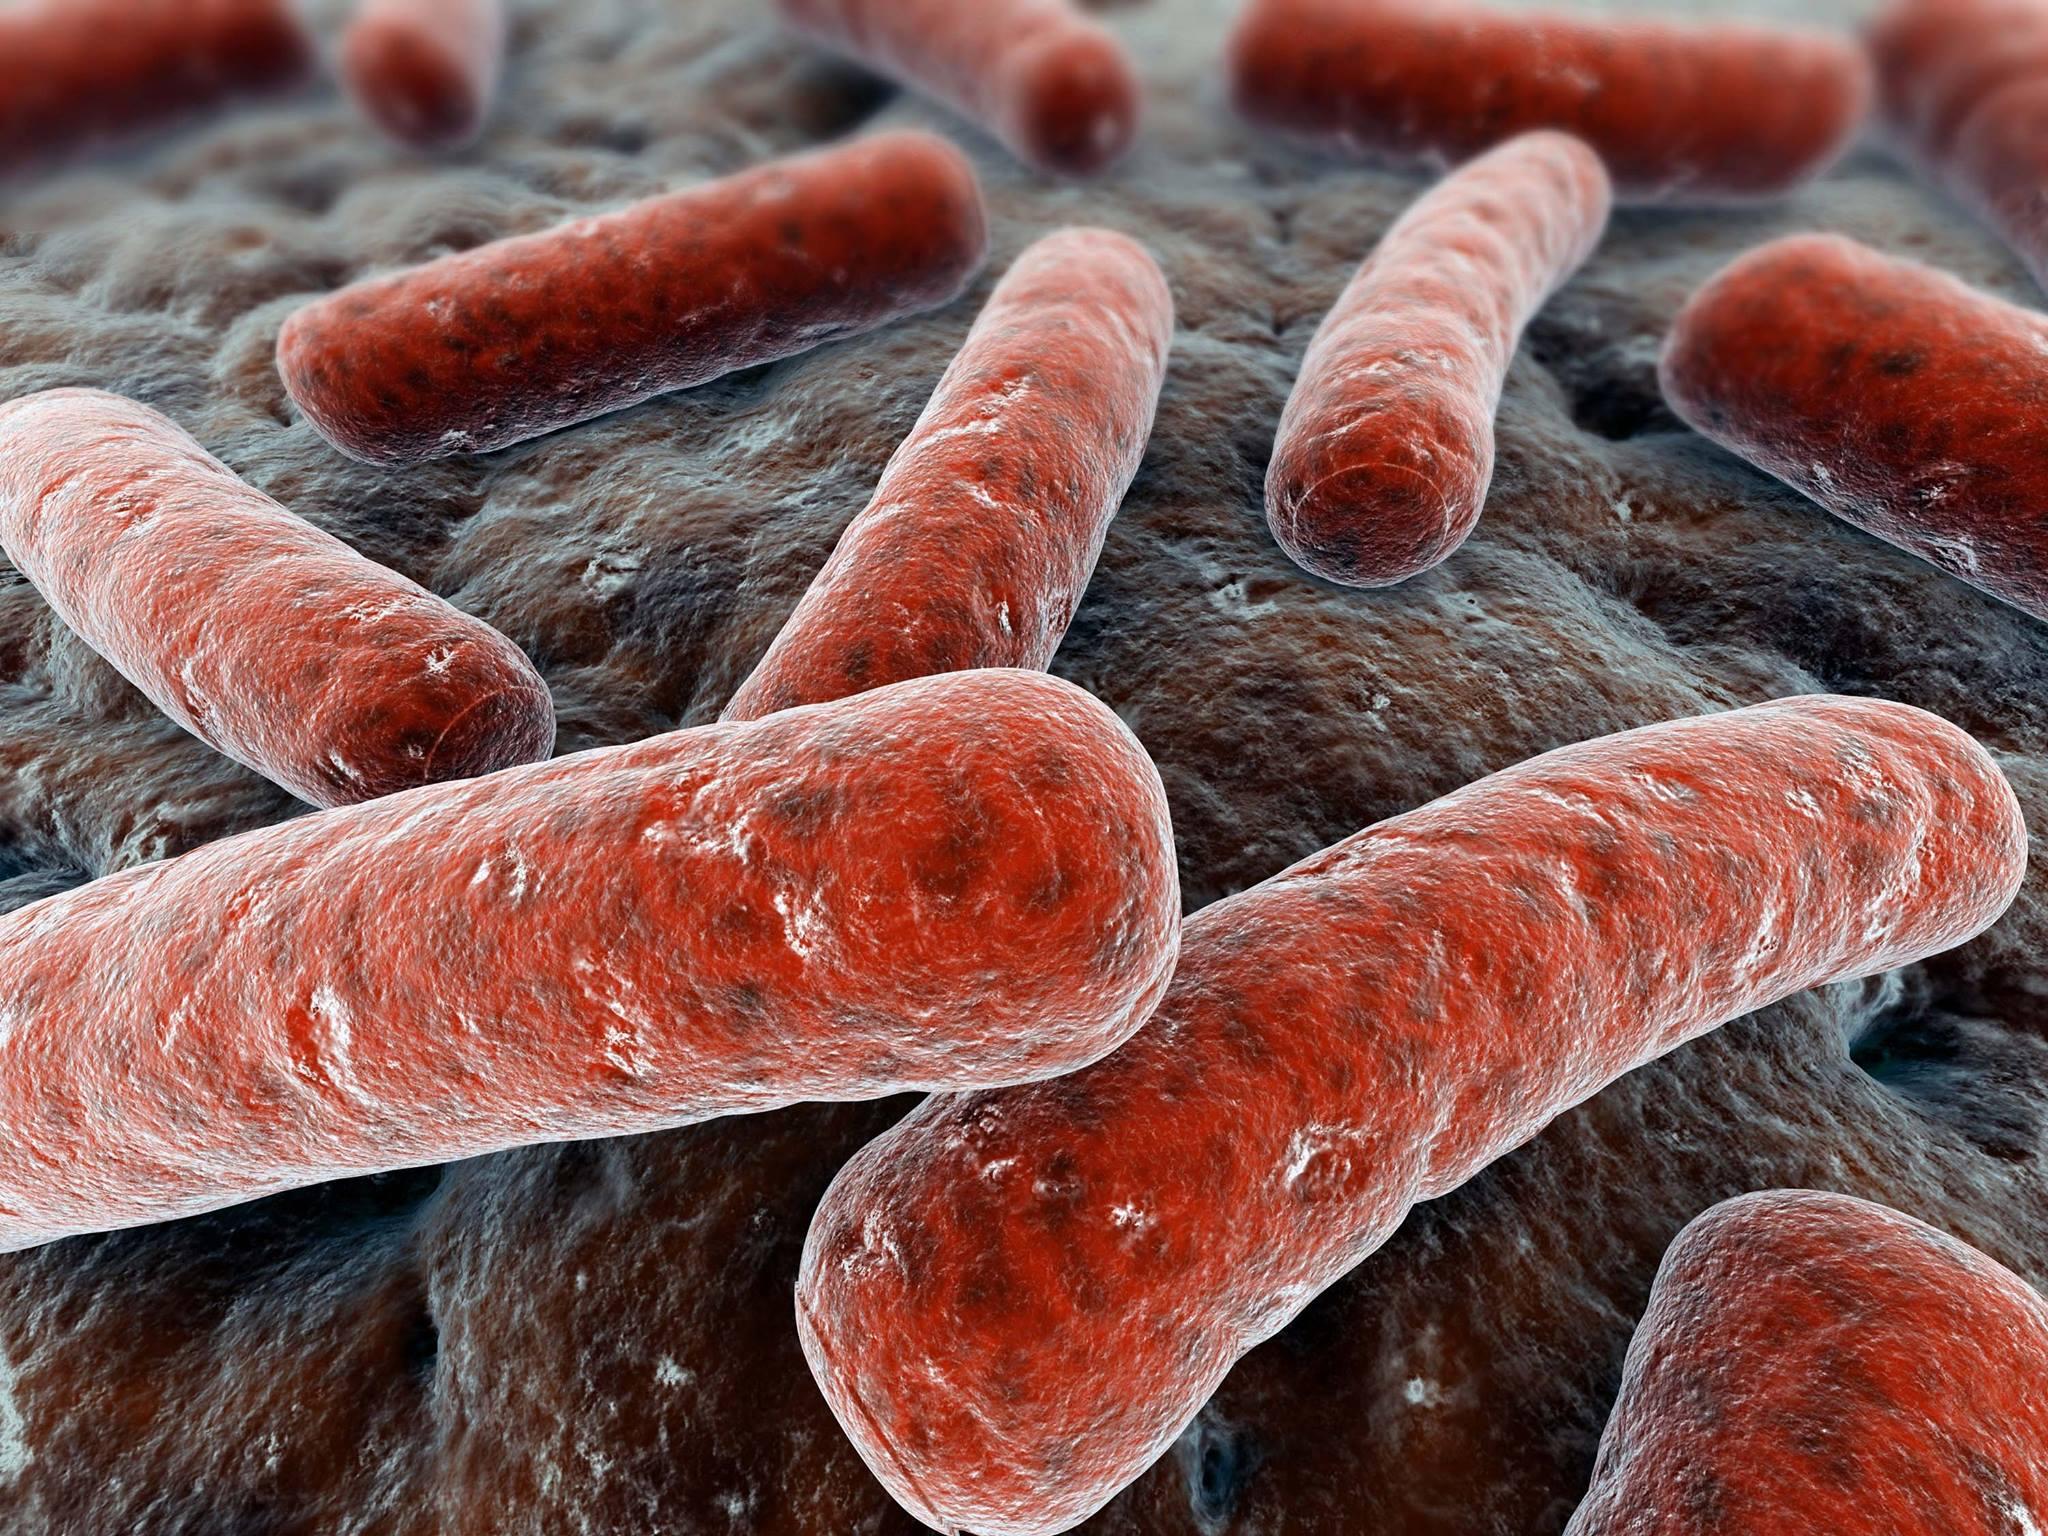 الإصابة بالسل و فيروس نقص المناعة البشرية أية علاقة ؟